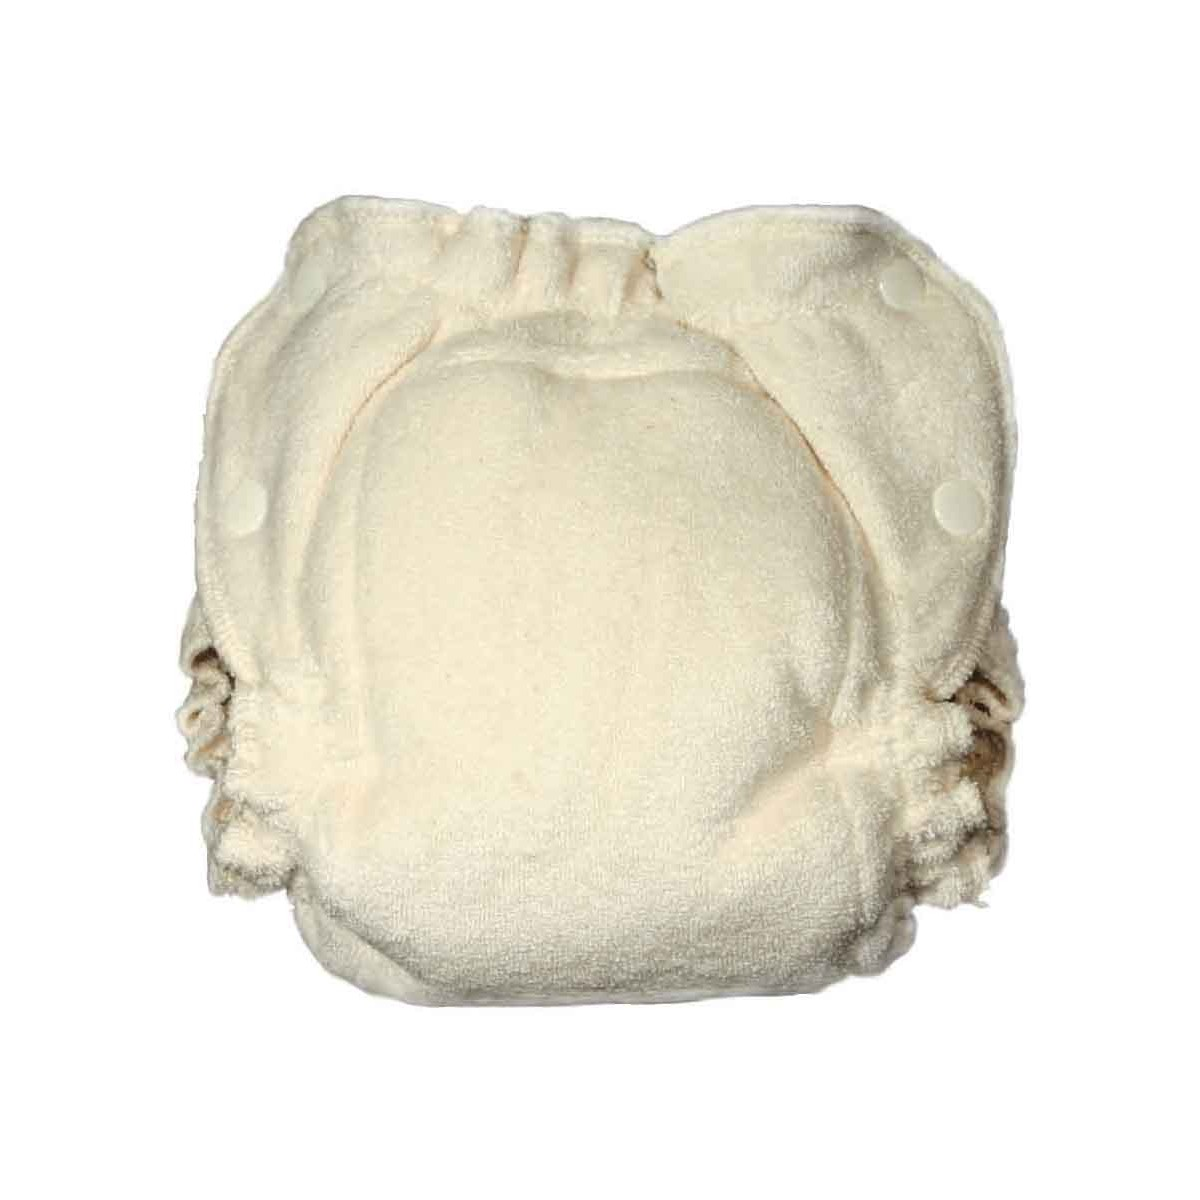 couche lavable multi taille popolini en coton bio sebio. Black Bedroom Furniture Sets. Home Design Ideas